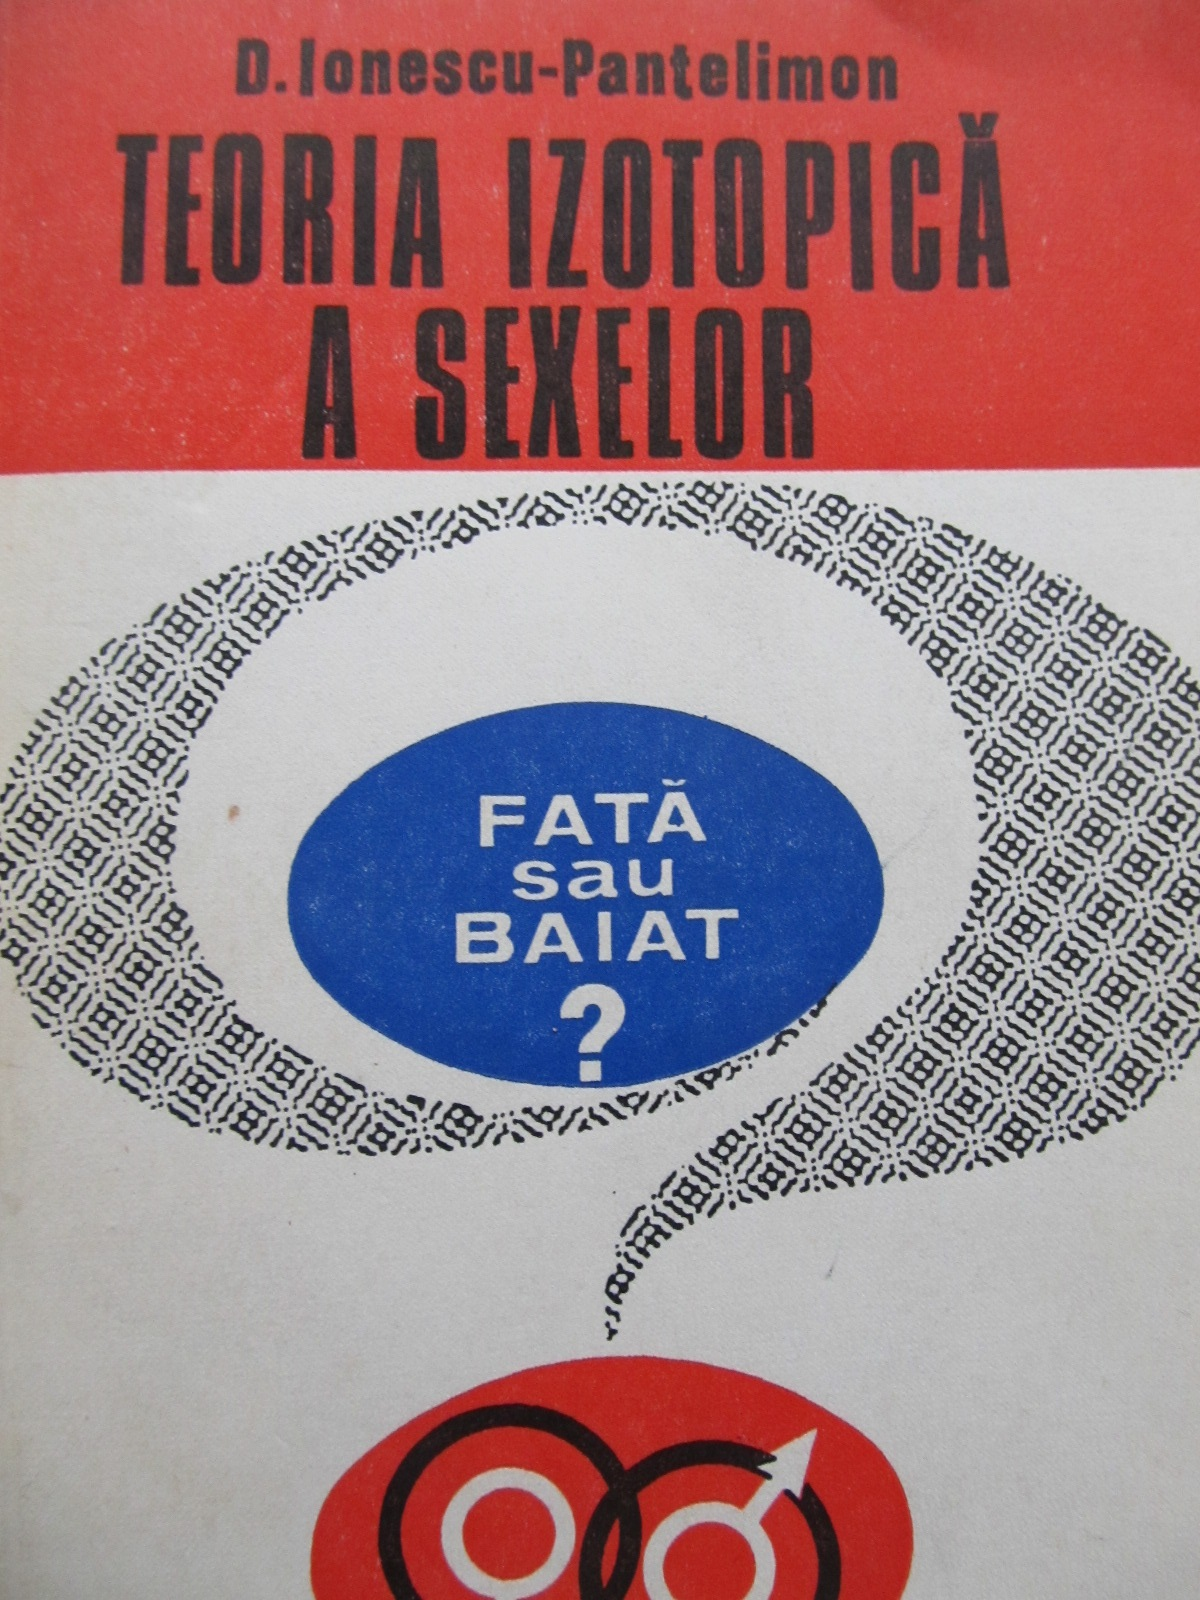 Teoria izotopica a sexelor - D. Ionescu Pantelimon | Detalii carte